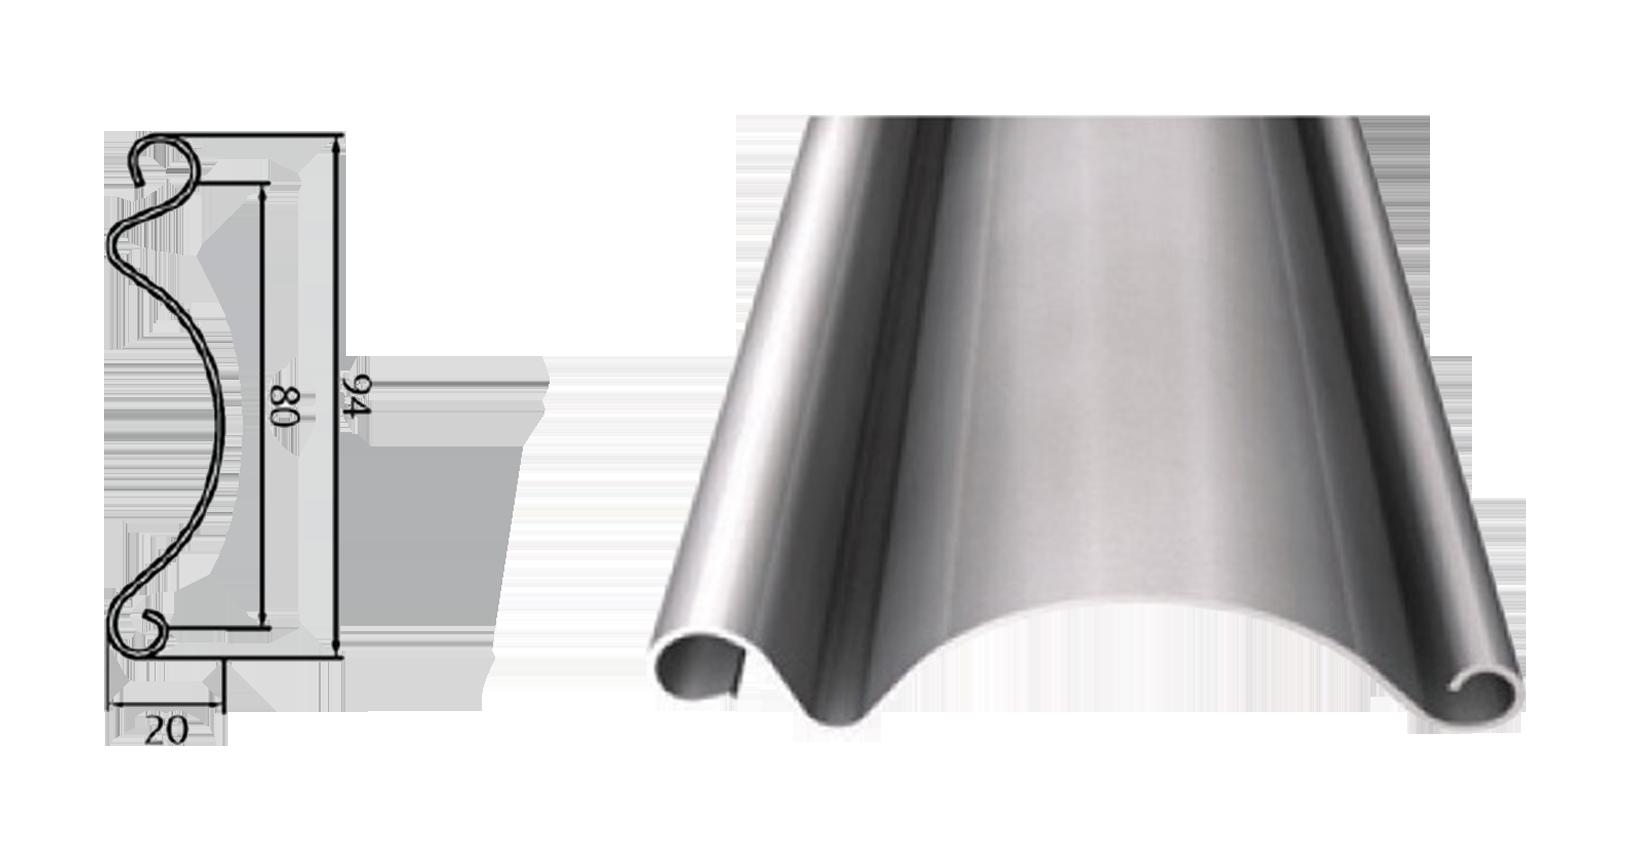 guney-kepenk-GC80-Galvanizli-celik-profili